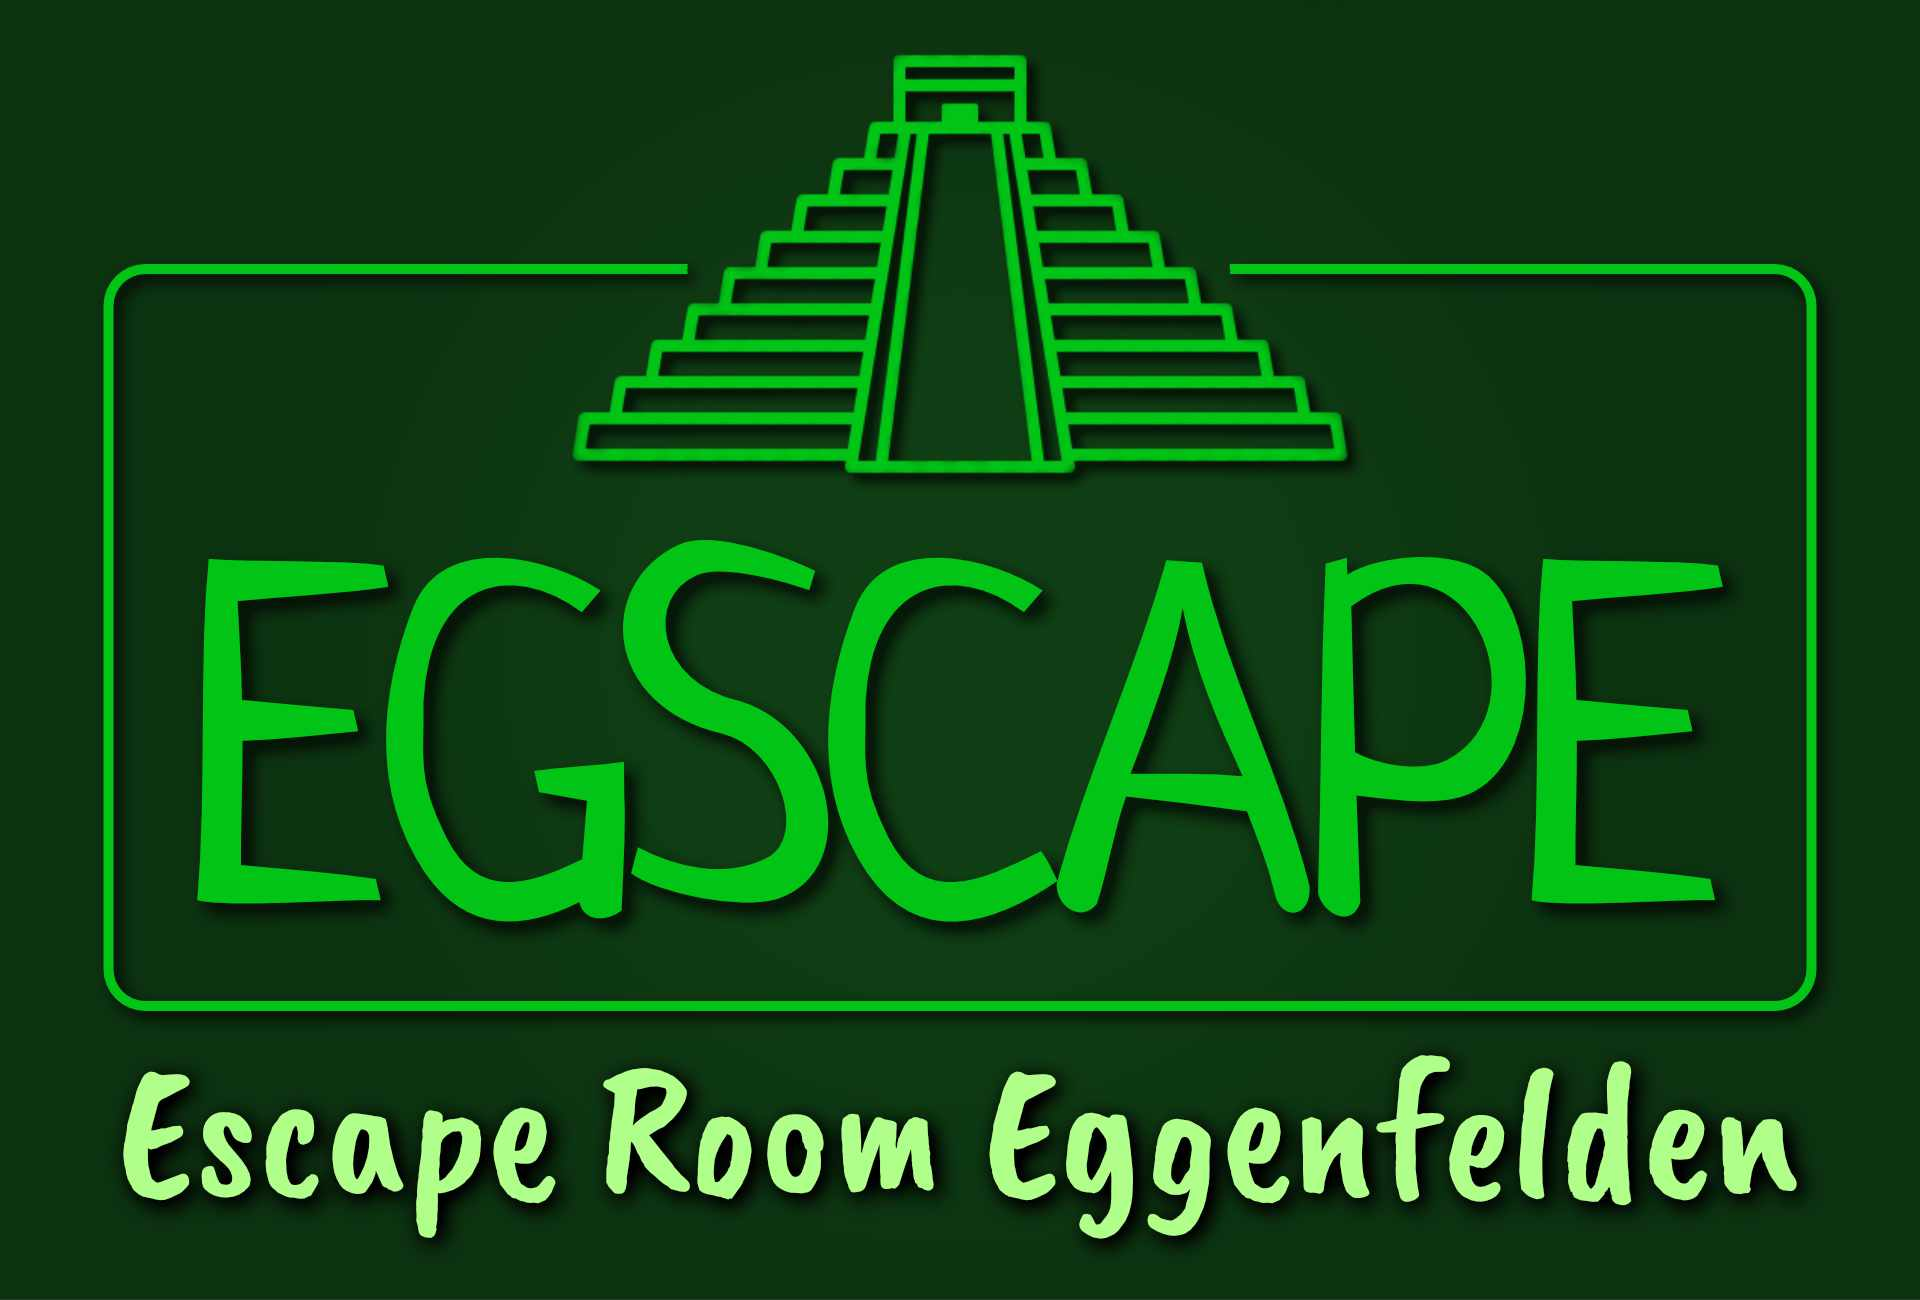 Dschungelabenteuer - EGSCAPE Eggenfelden